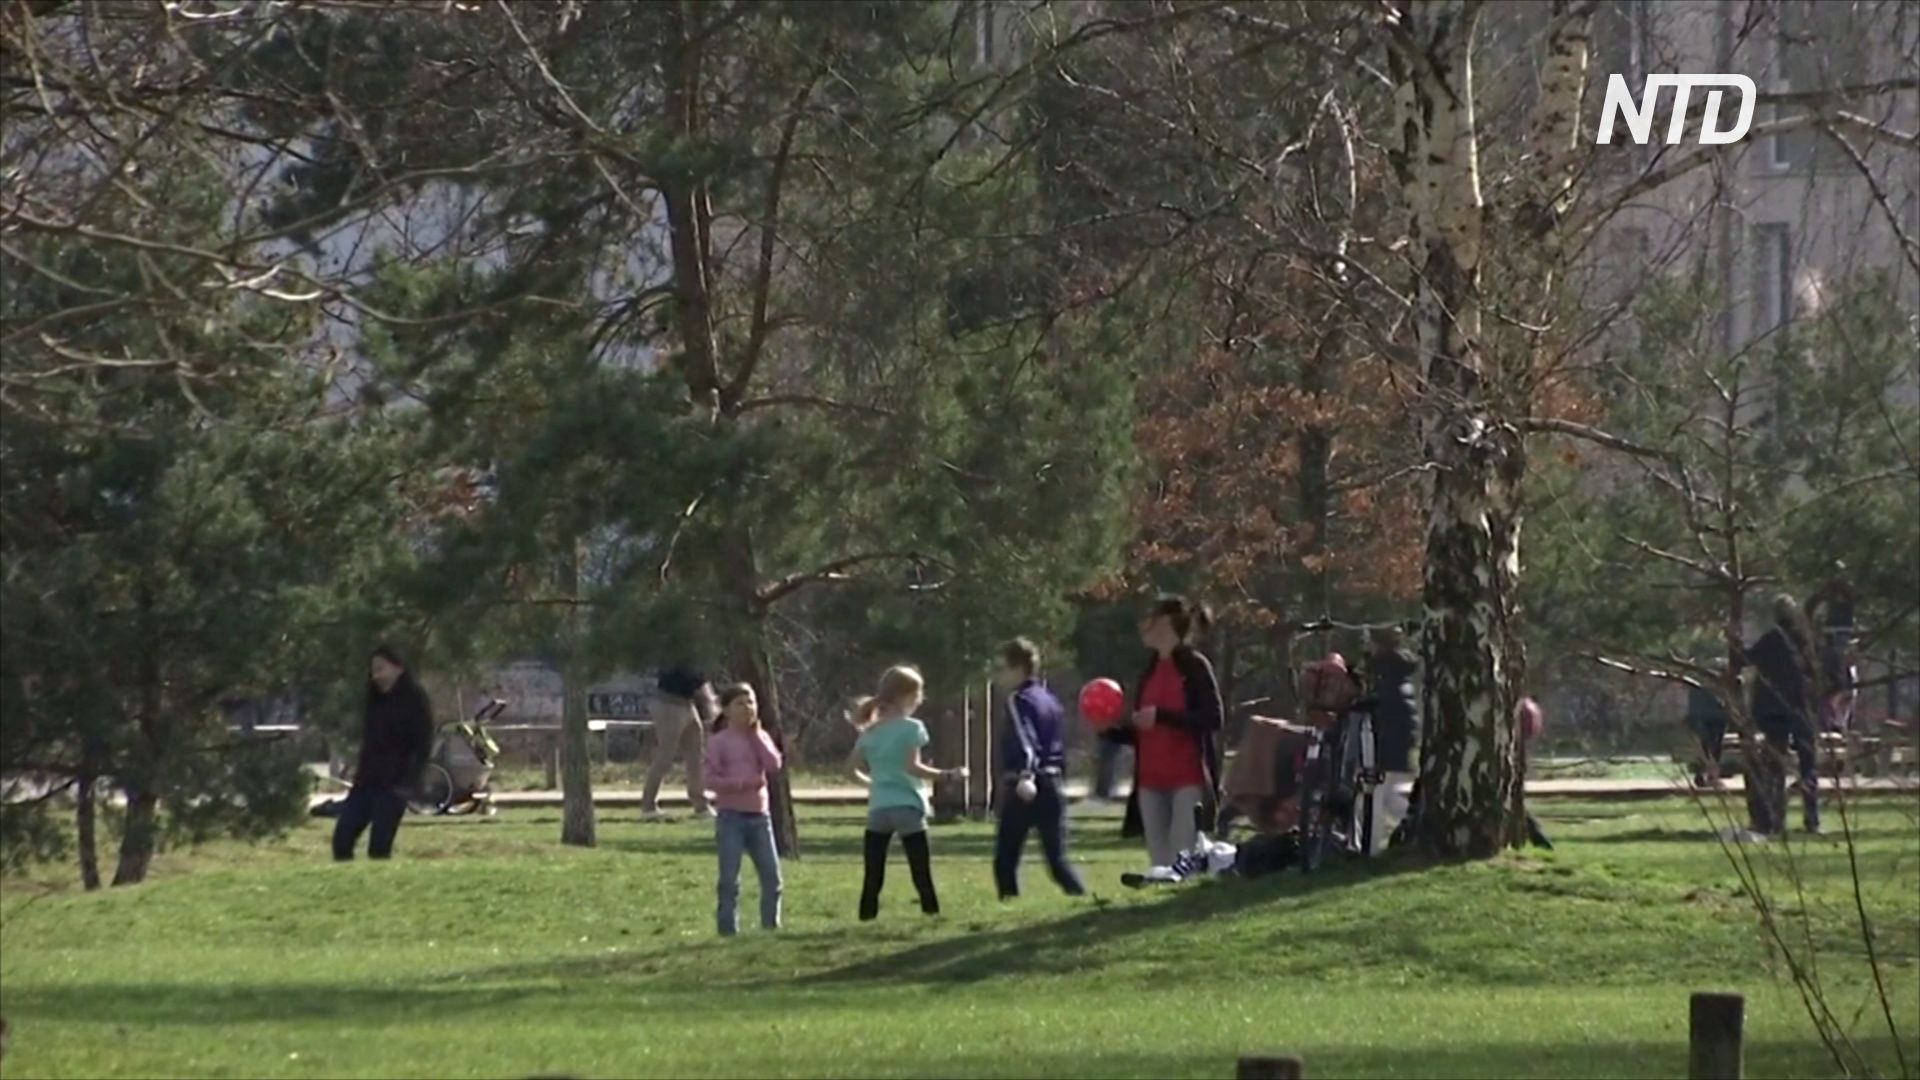 Немцы идут в парки, игнорируя правила карантина